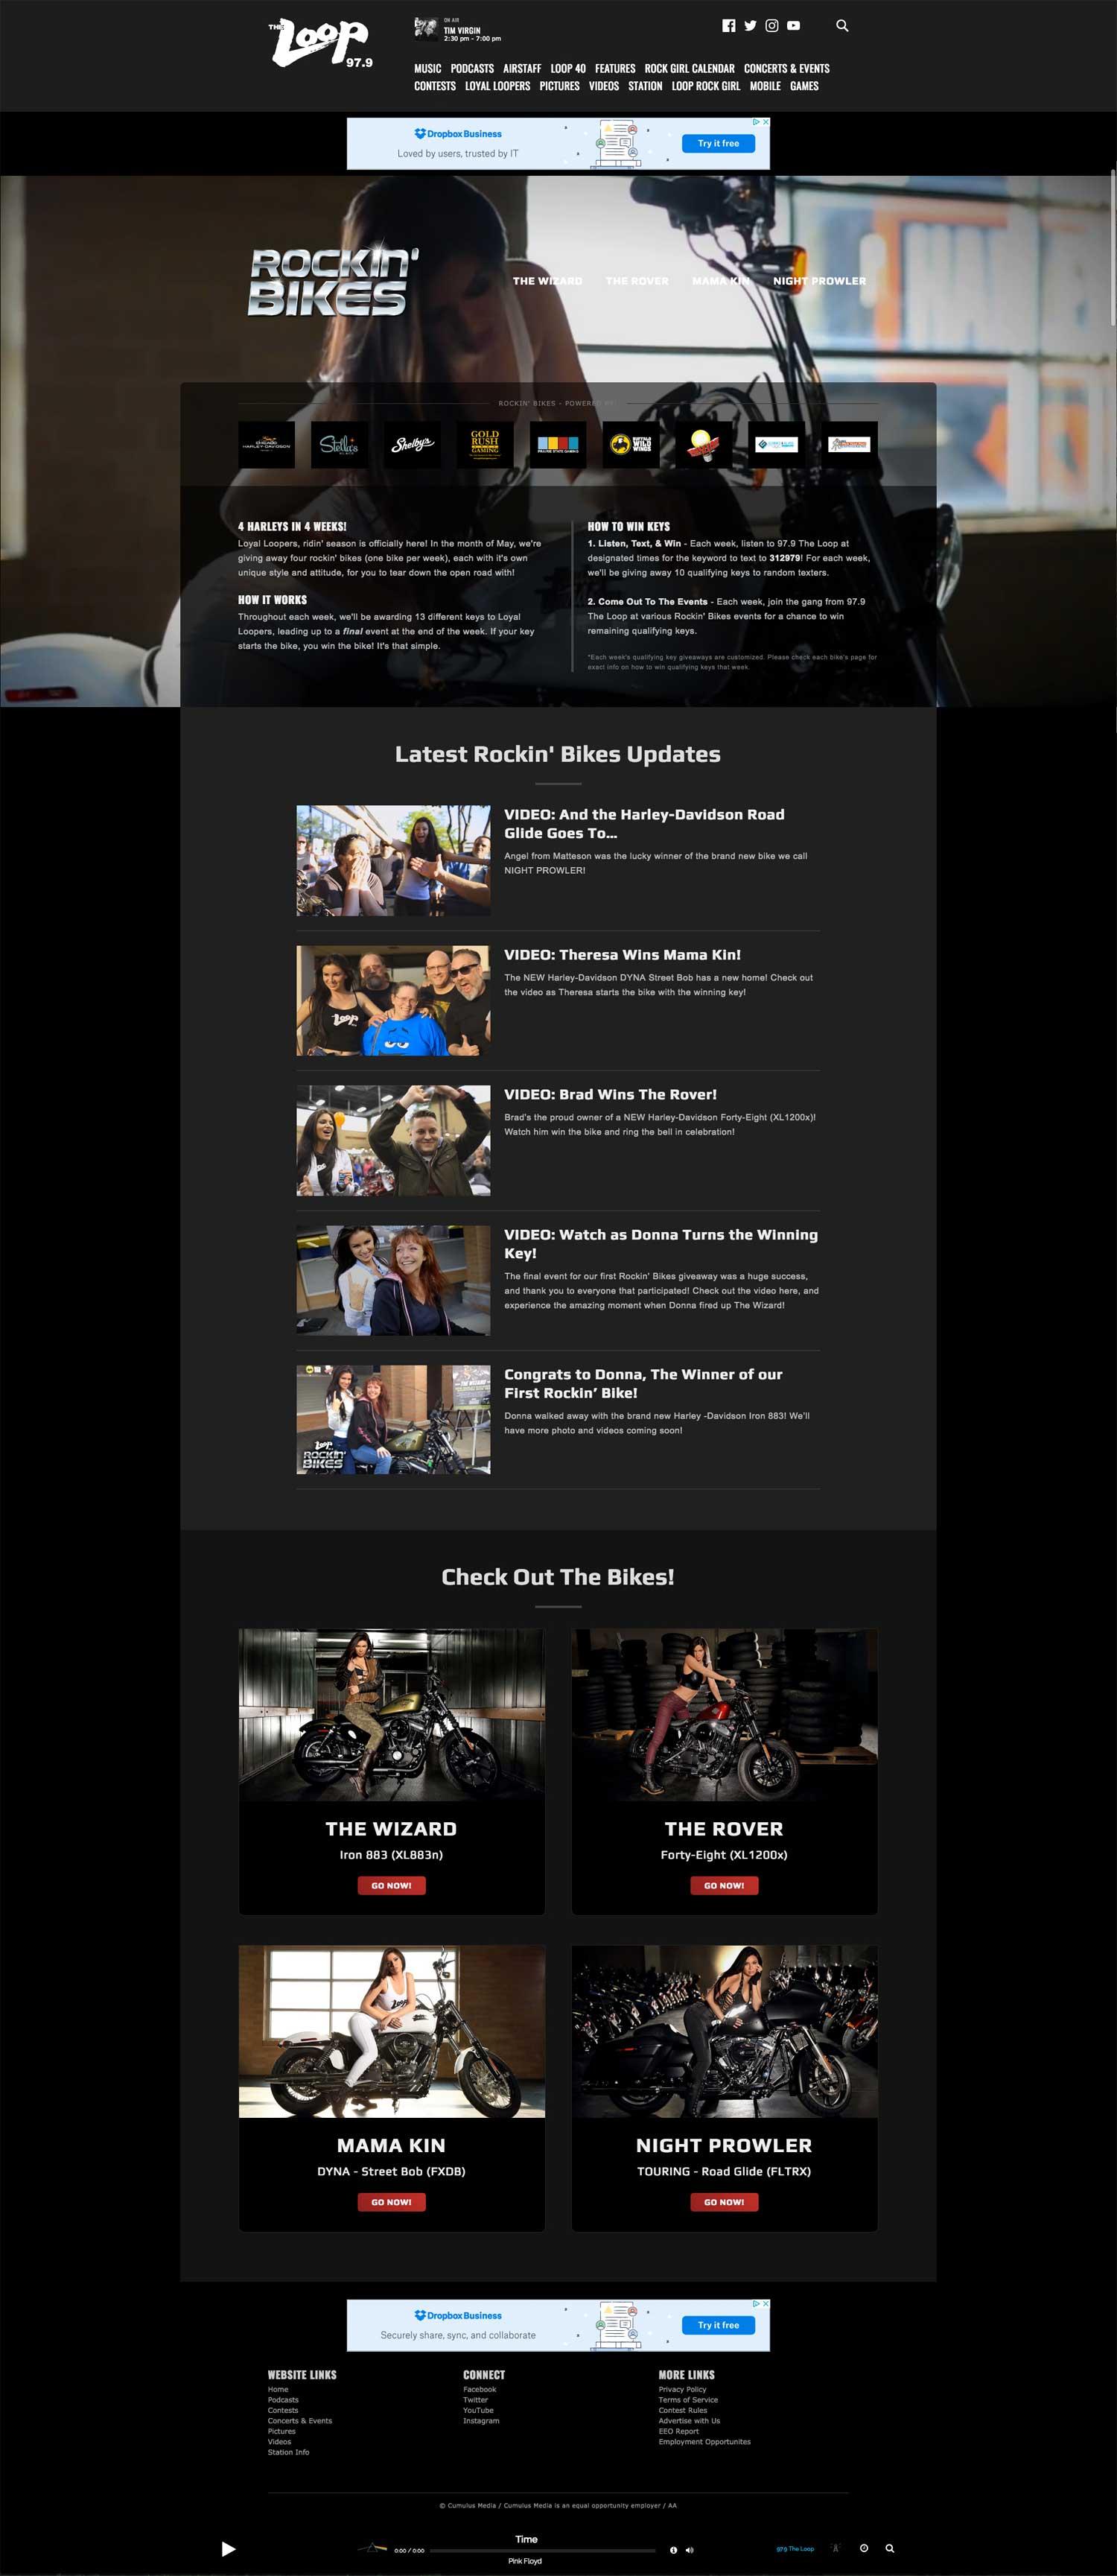 Rockin' Bikes - Main Landing Page - Browser View